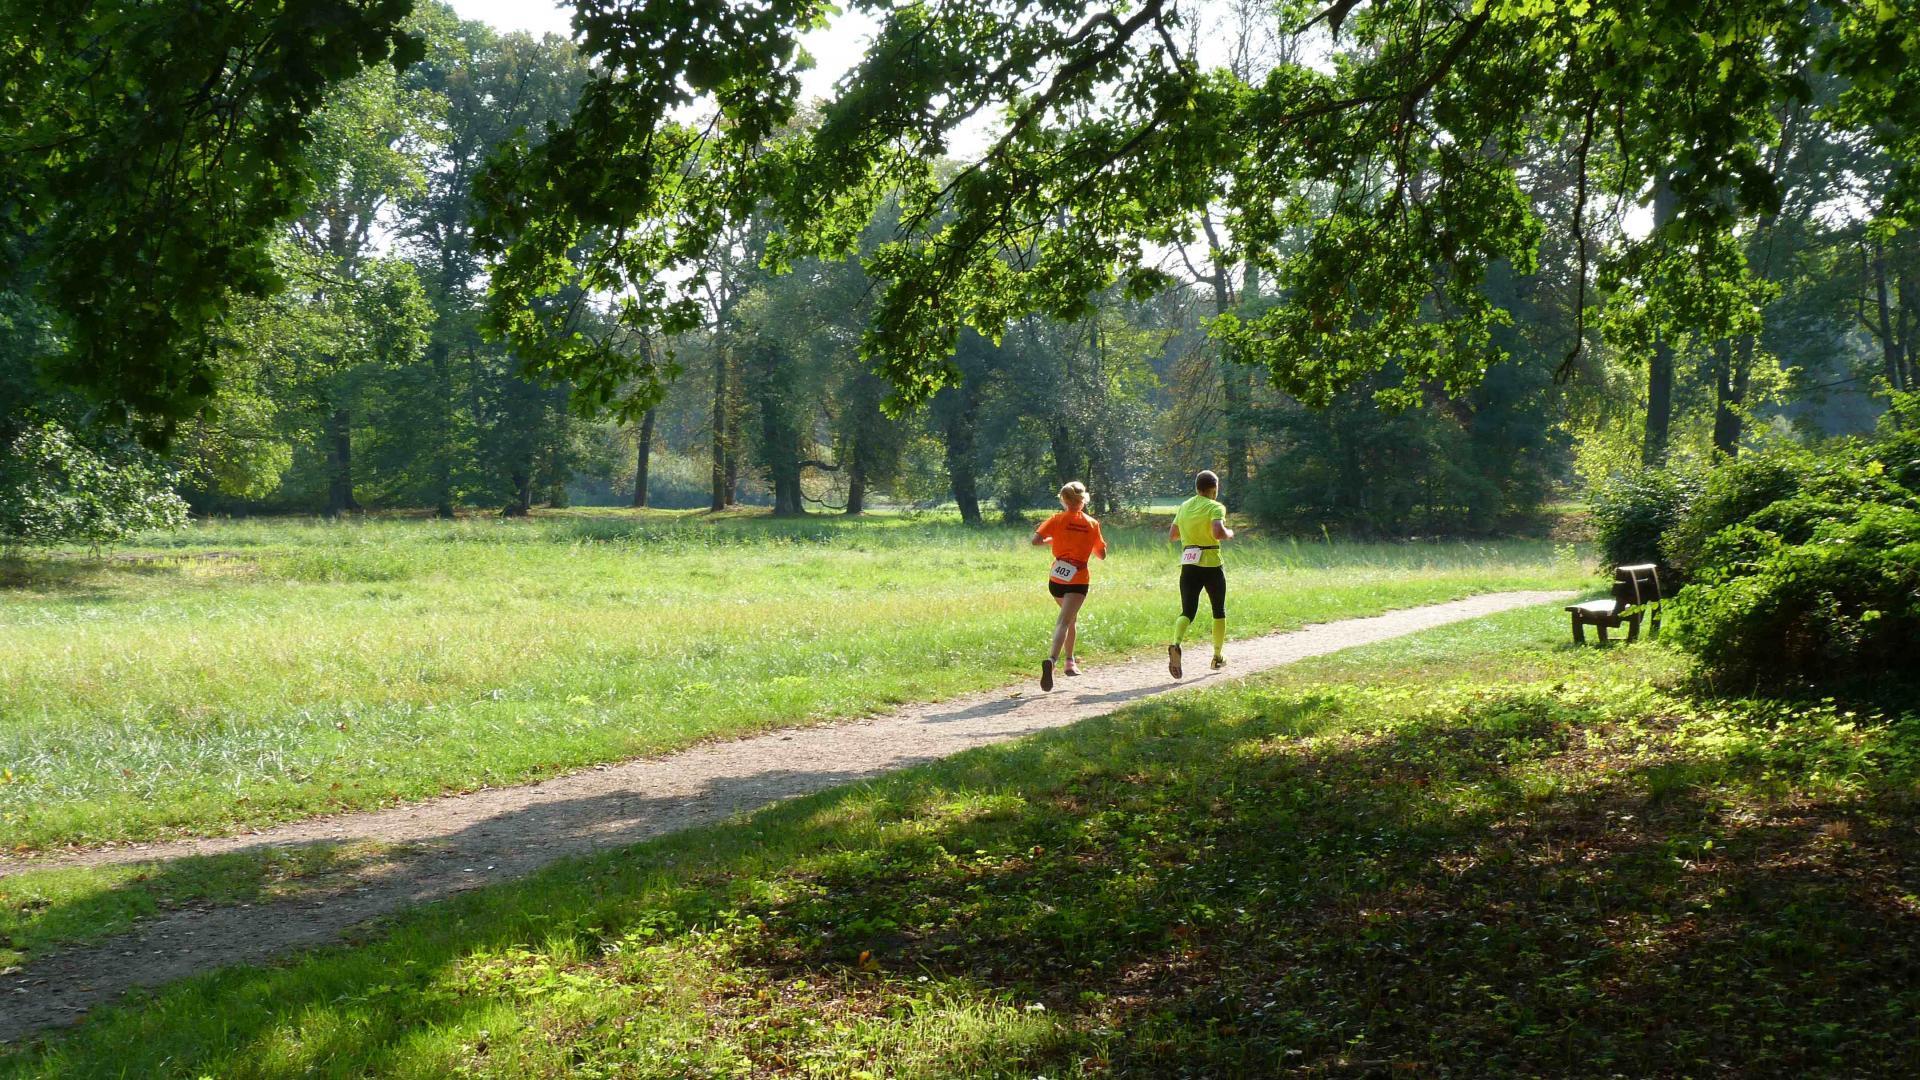 Laufende im Park